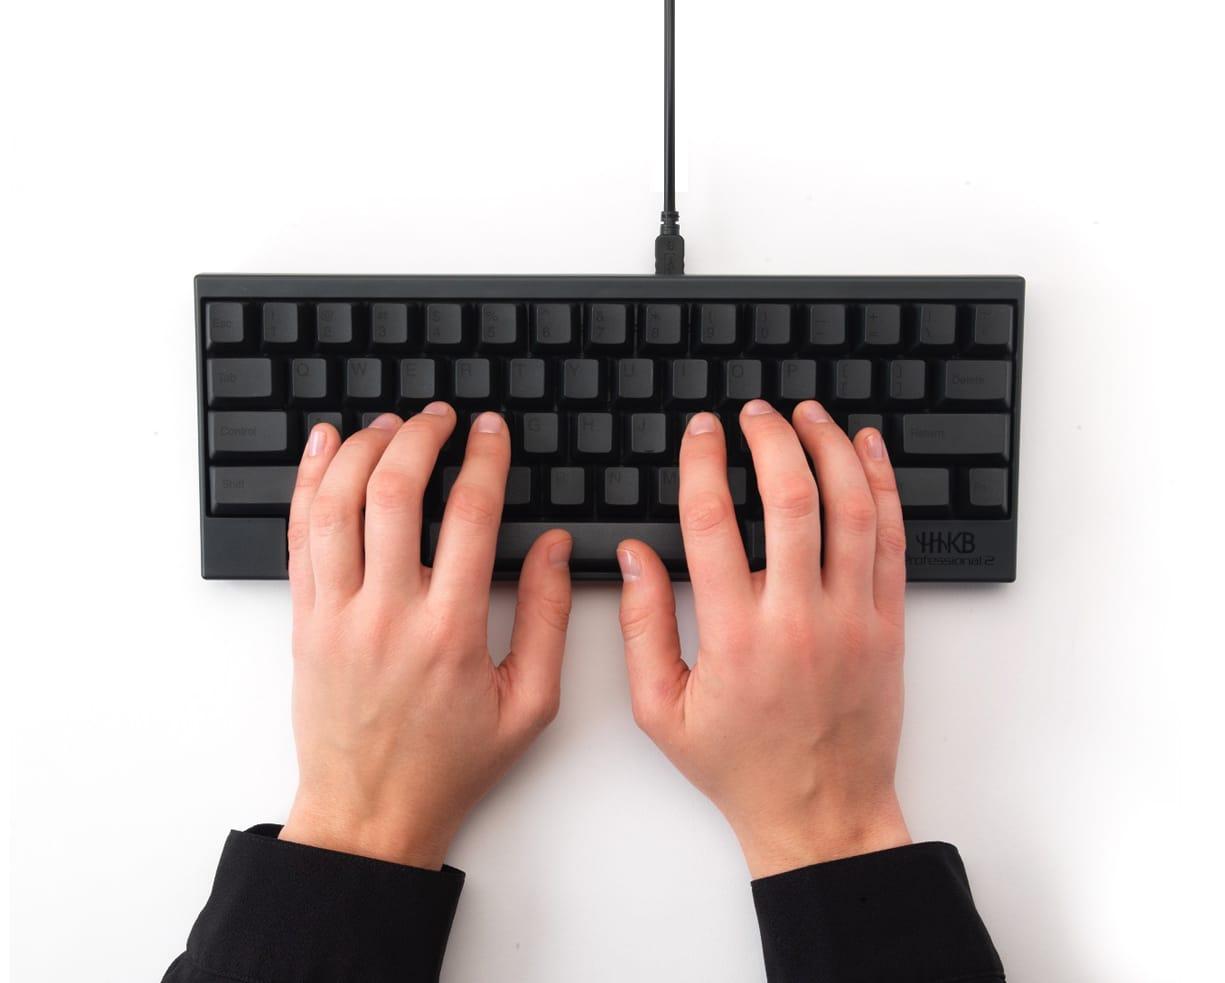 Happy Hacking Keyboard Professional2 arriva in Europa, ma il suo prezzo non vi piacerà (foto)